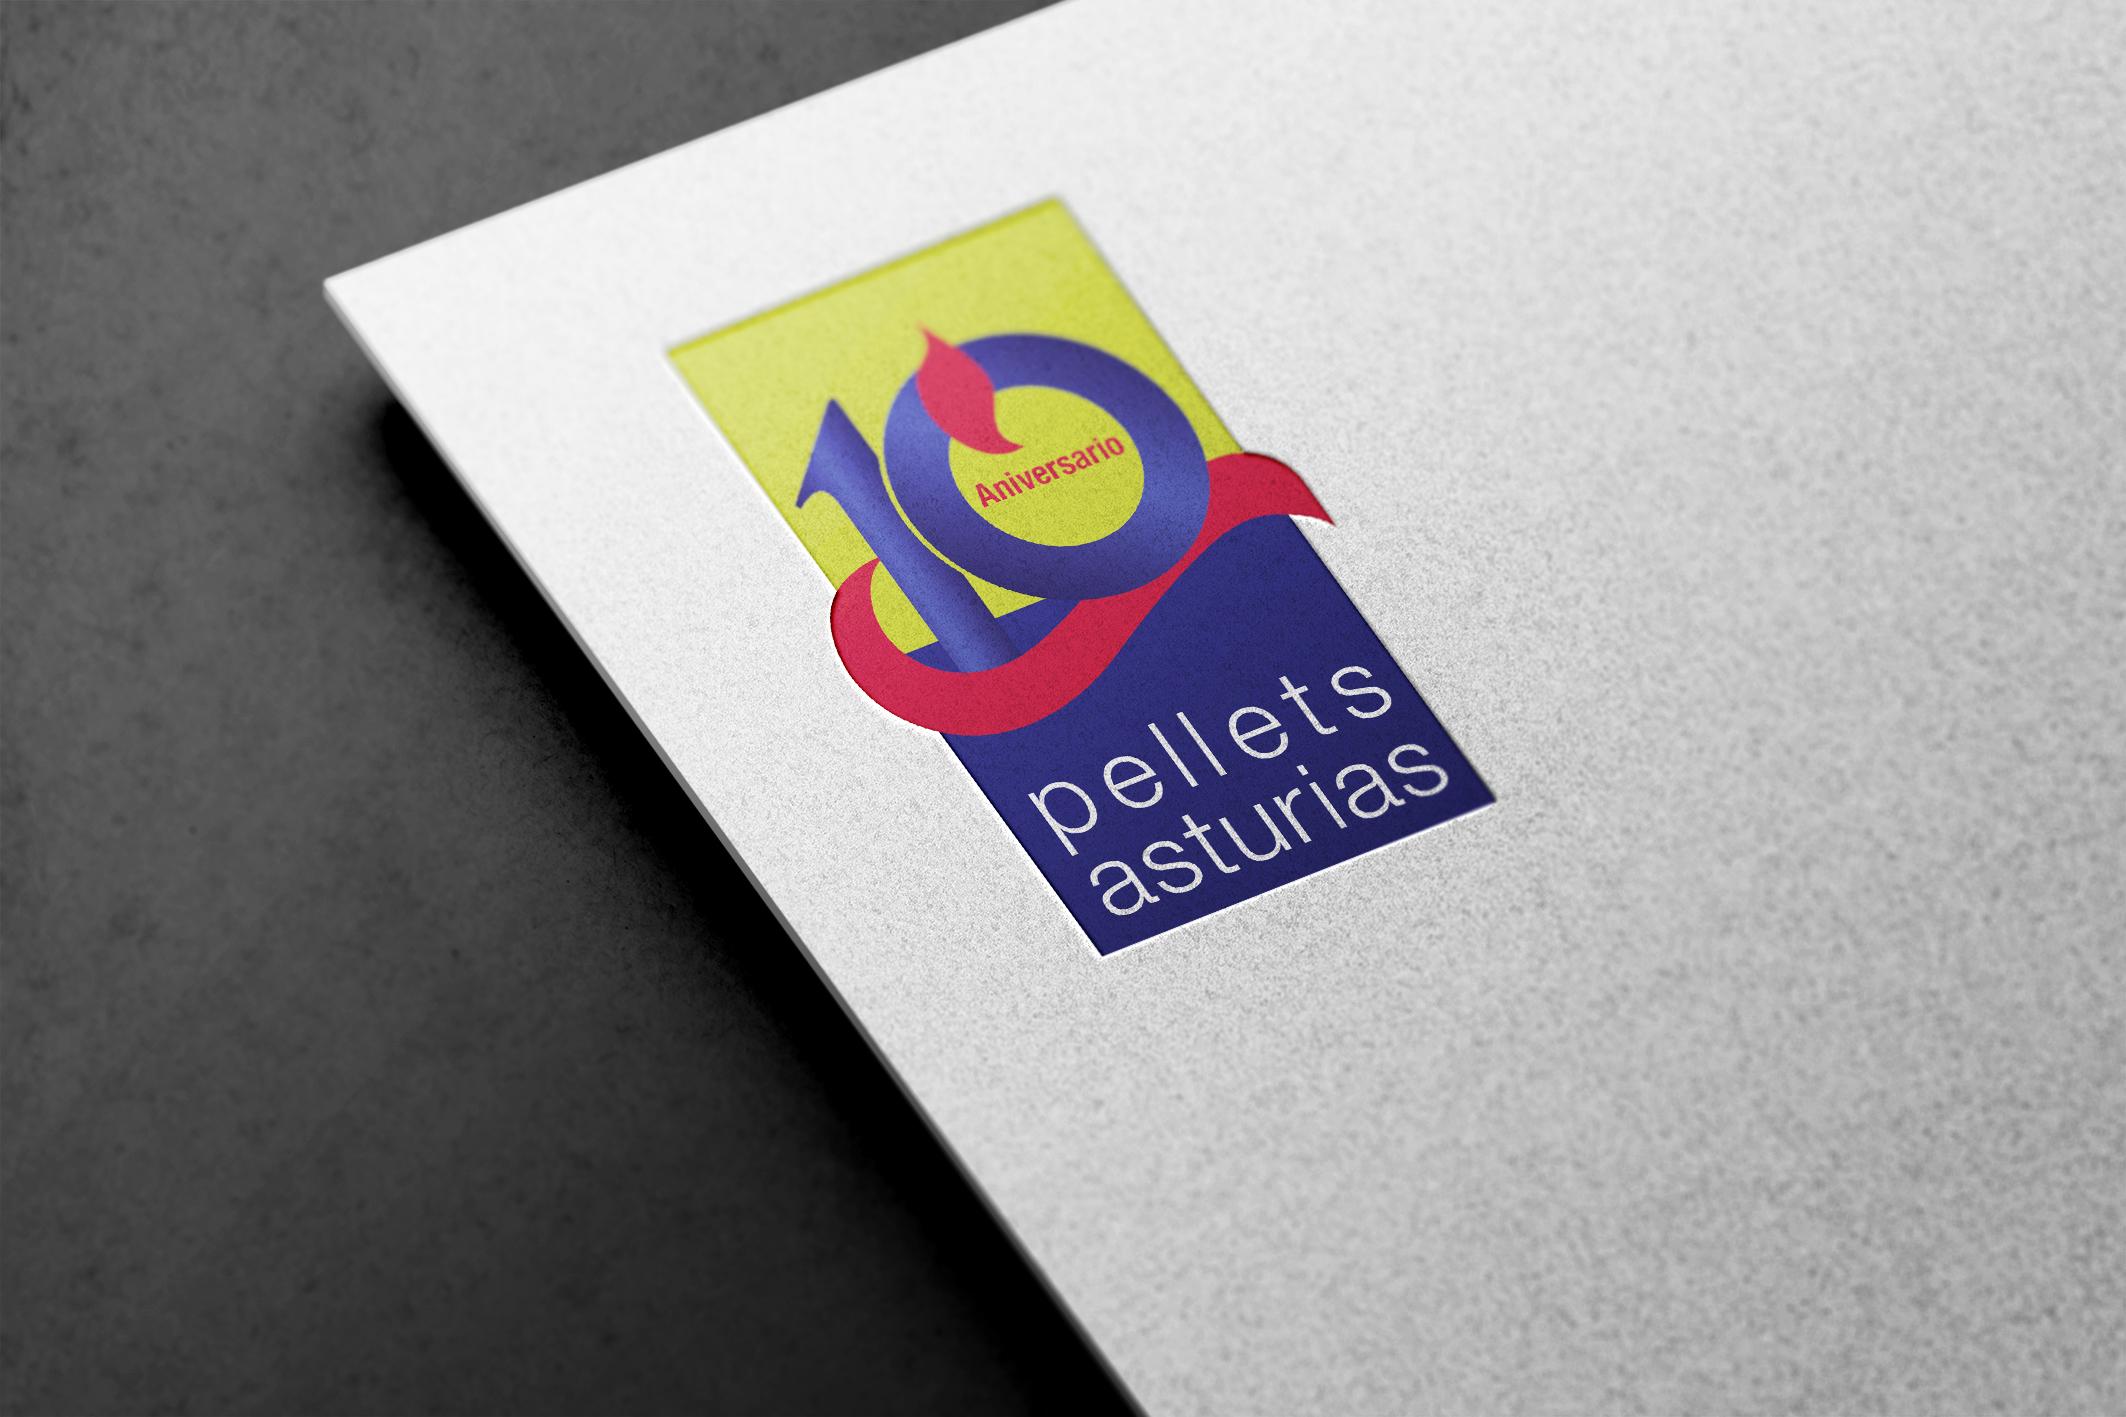 MockupPellets_logo1